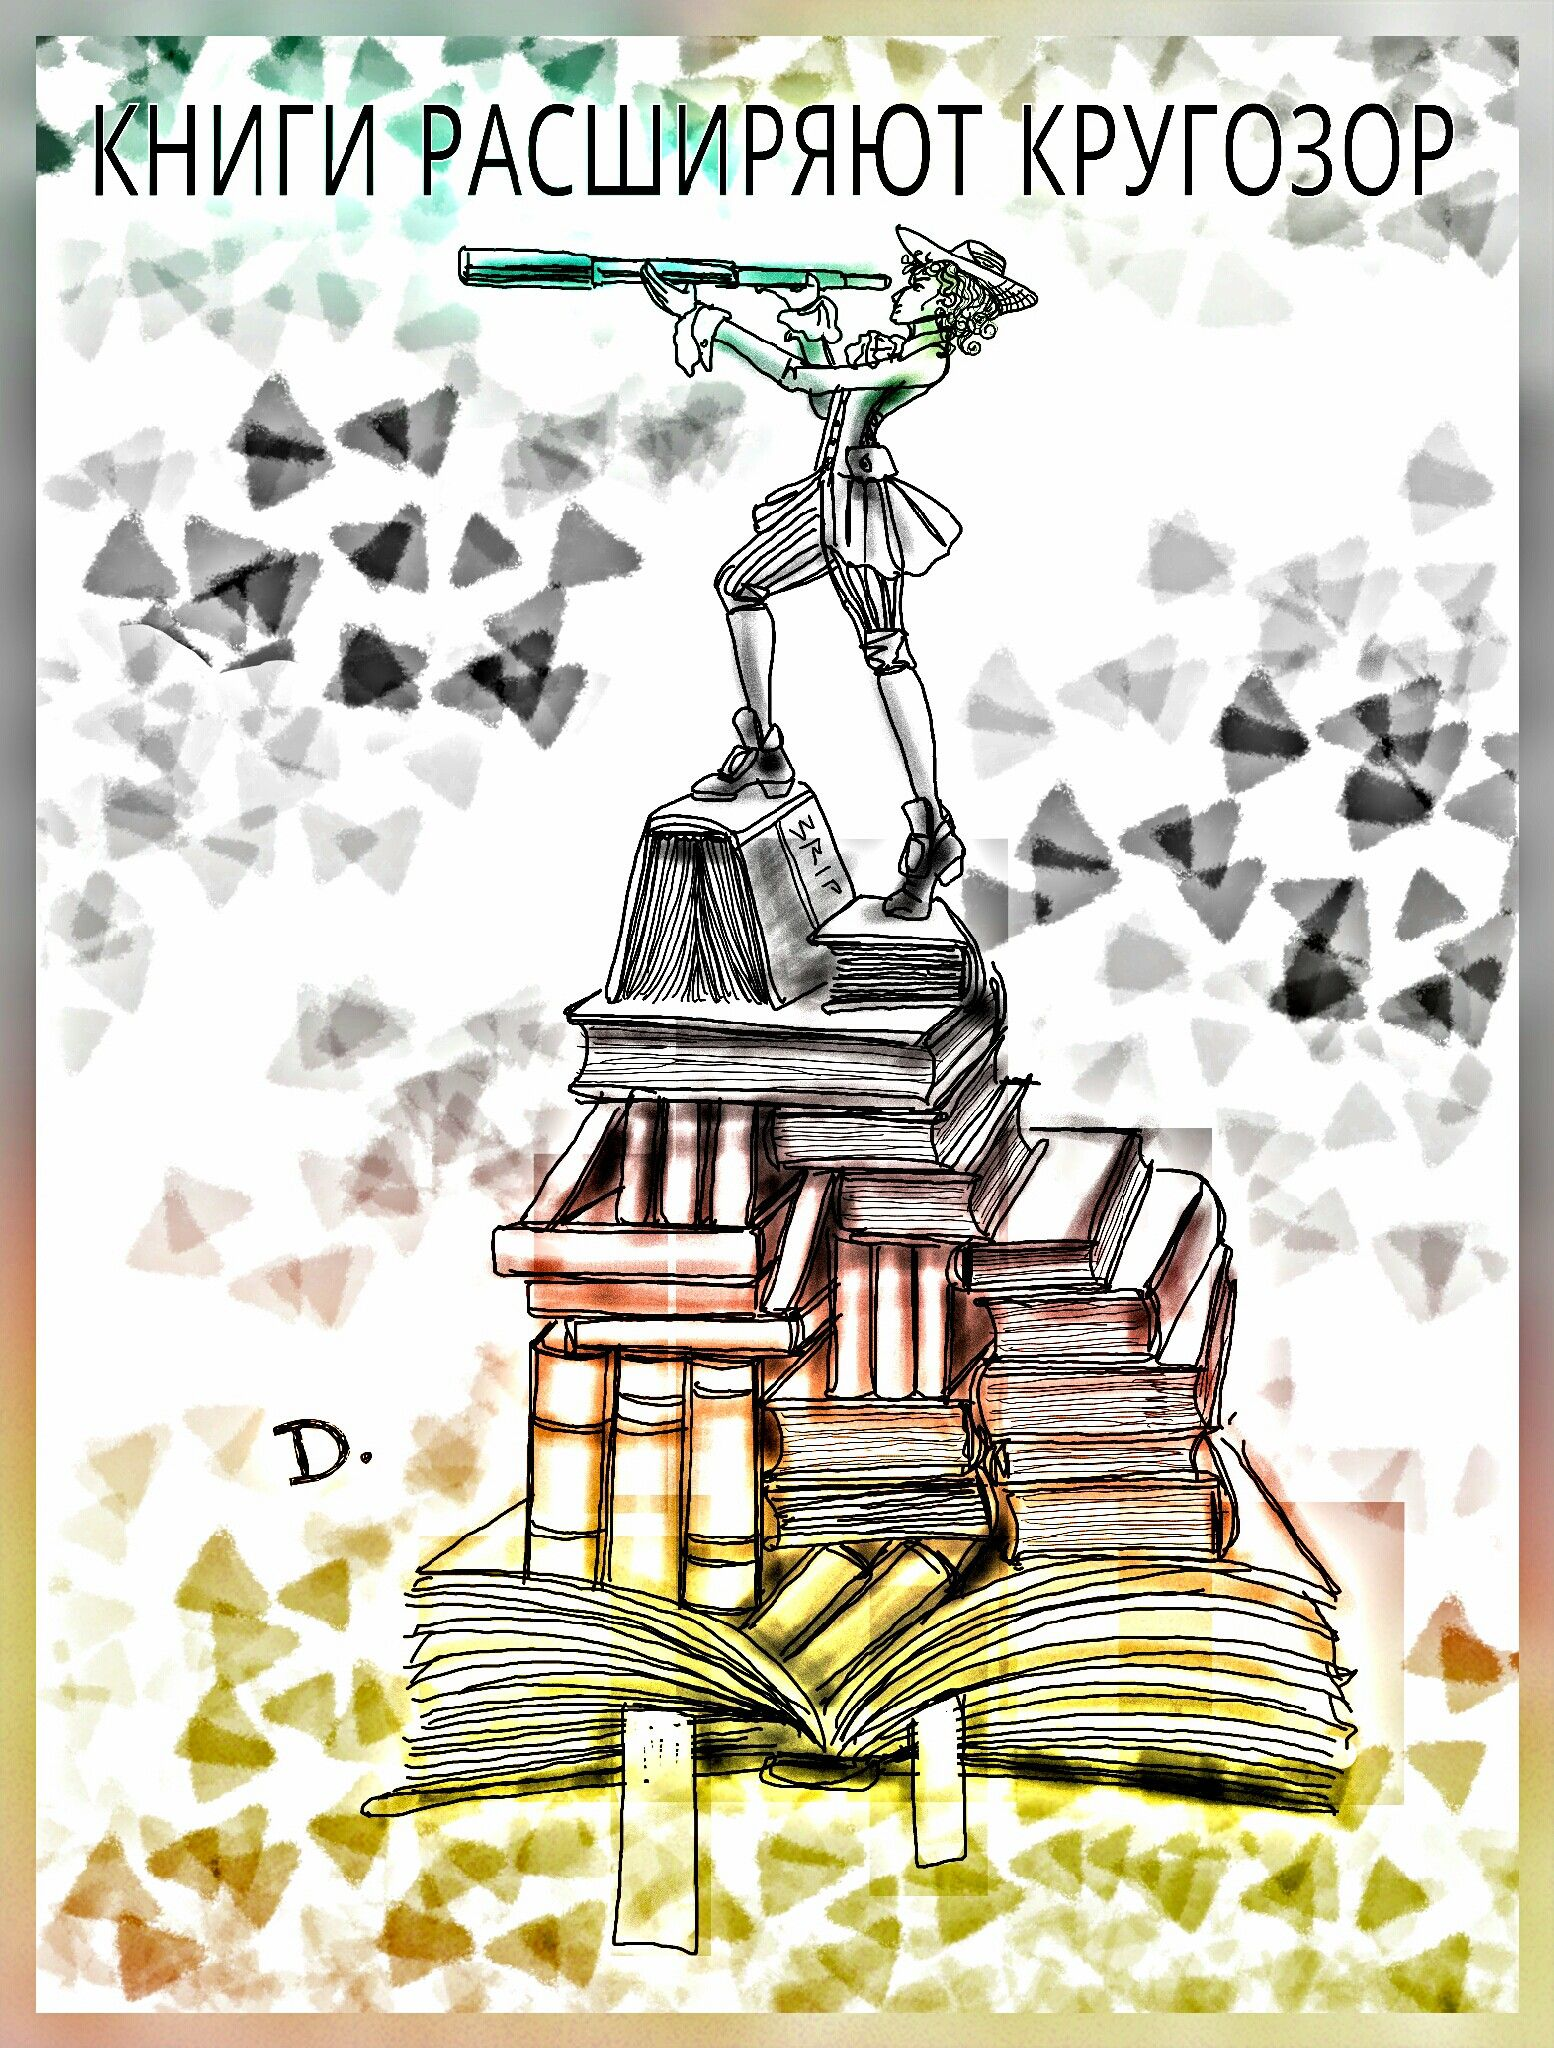 Постер о книгах